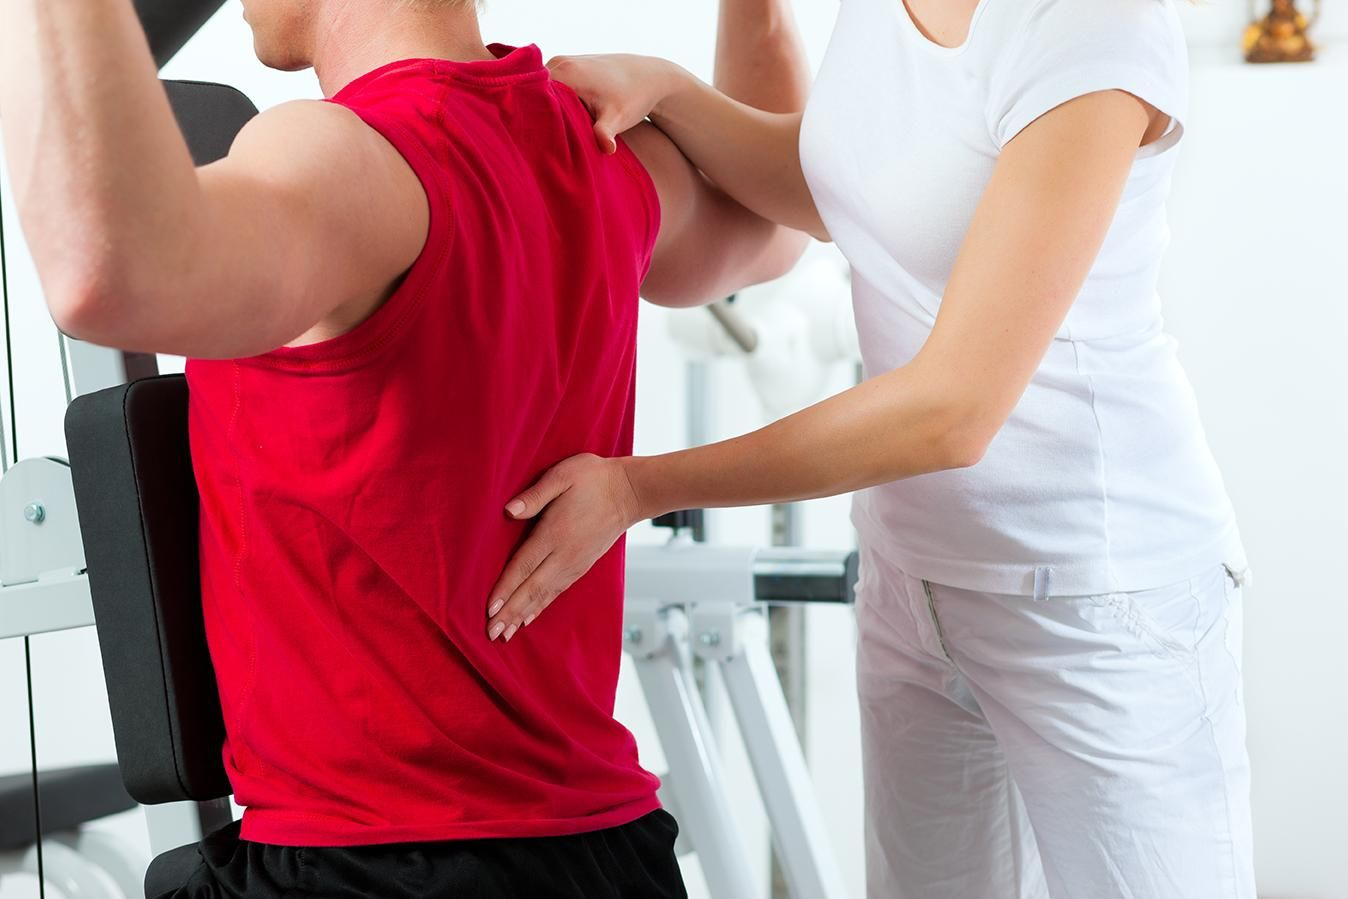 Rehabilitación tras accidentes de tráfico o laborales: Tratamientos y Tarifas de Fisioterapia Nagusia